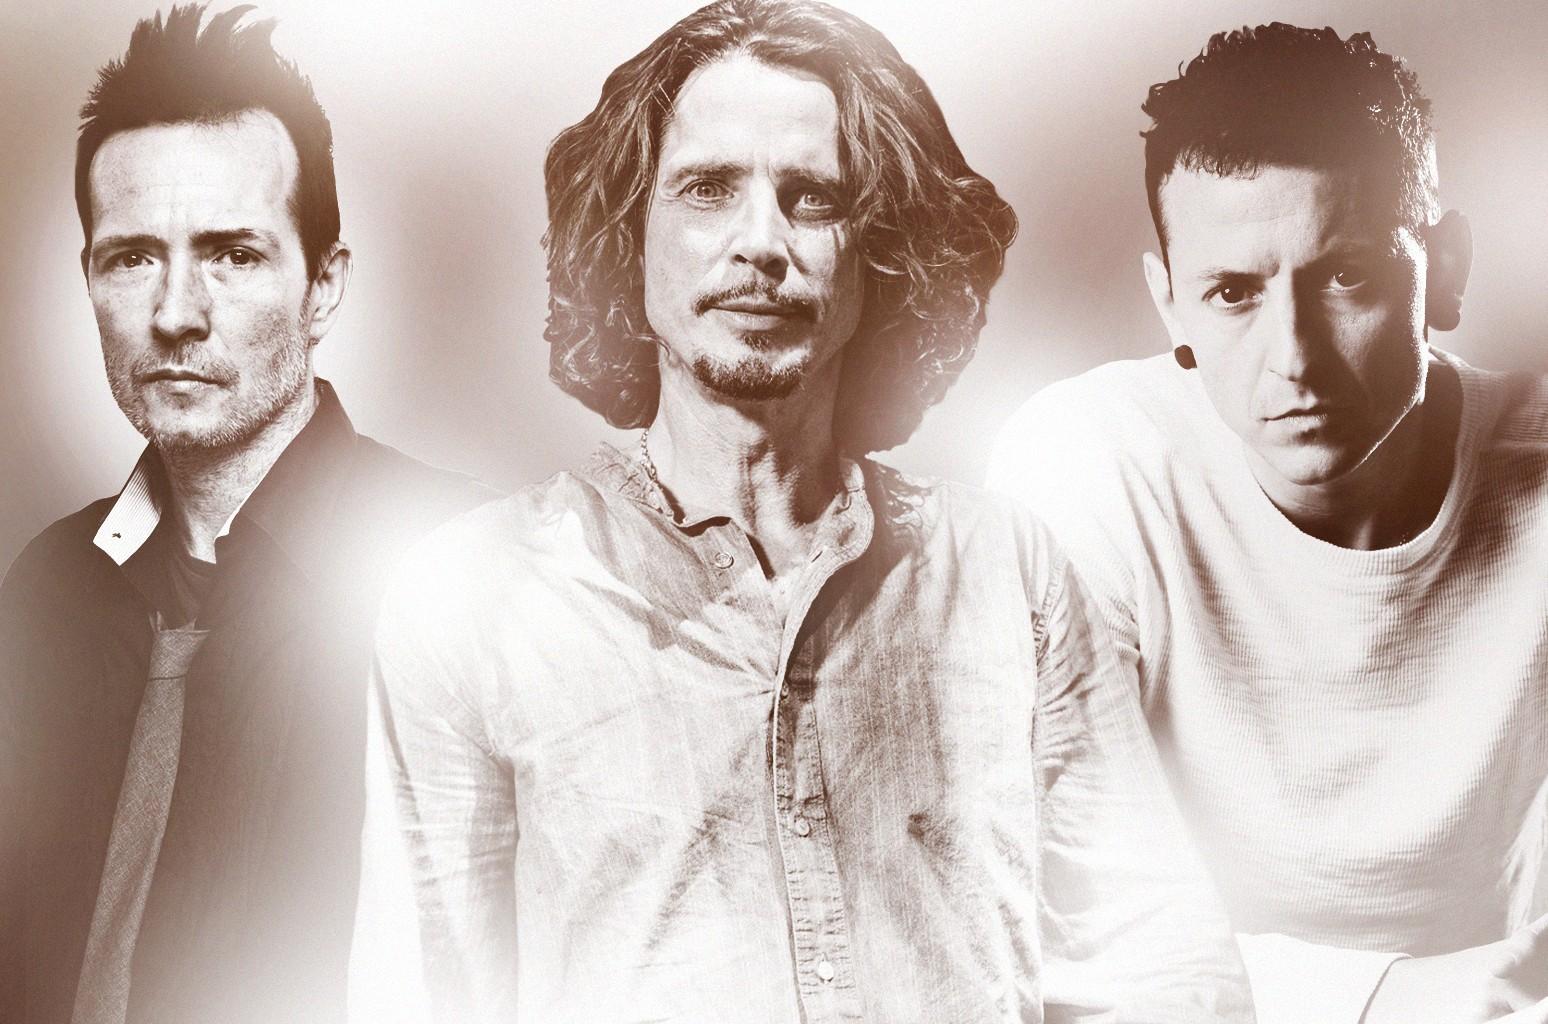 Scott Weiland, Chris Cornell, Chester Bennington